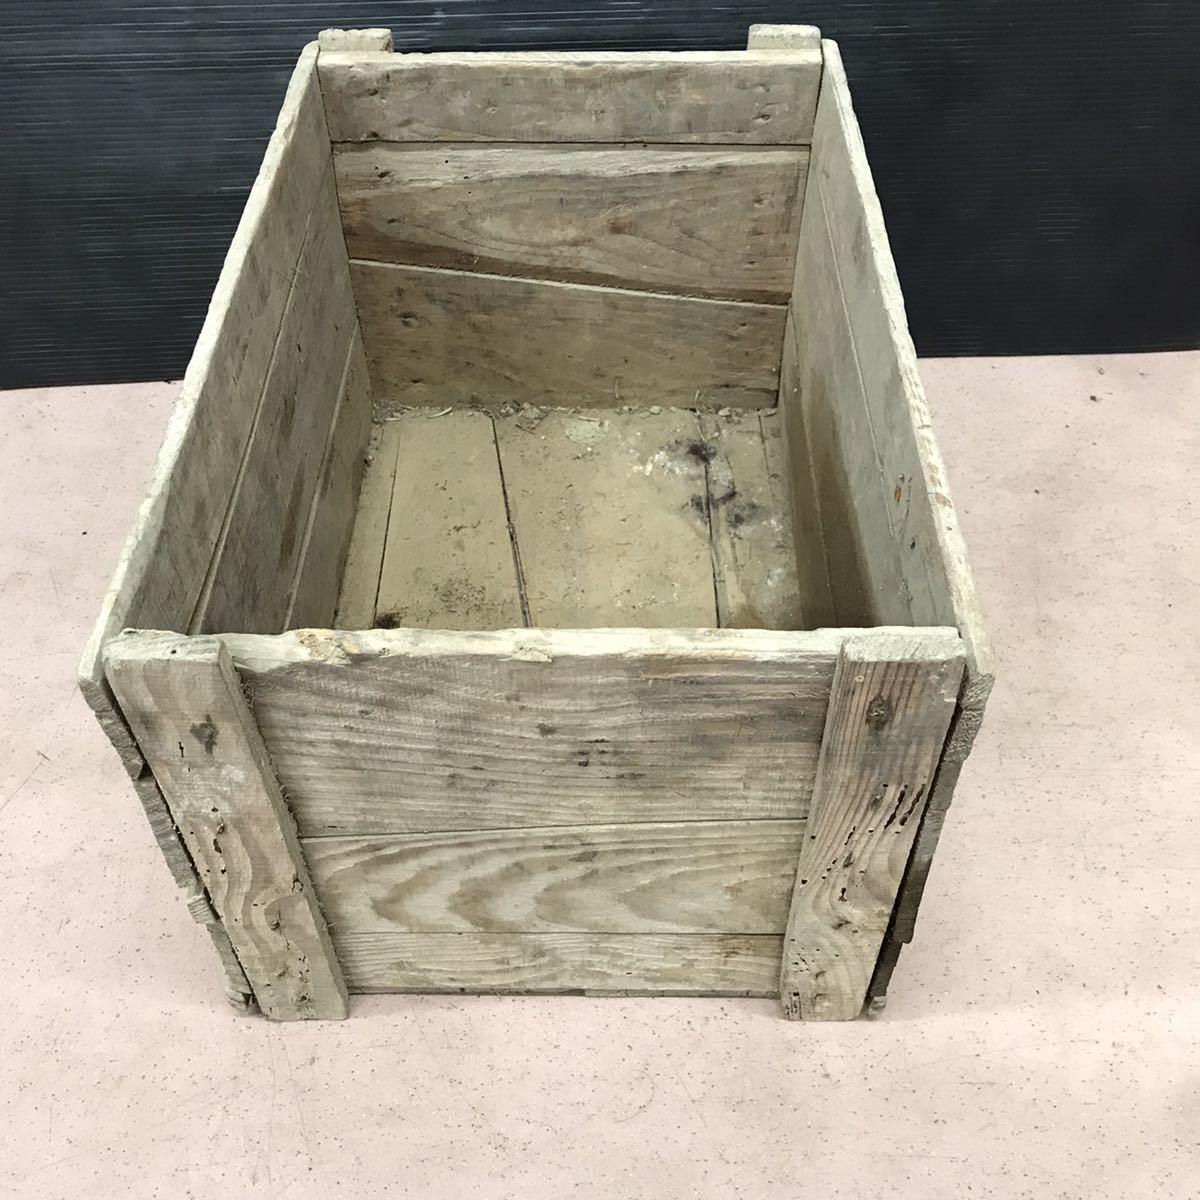 昭和レトロ 木箱 アンティーク ビンテージ ディスプレイ 古民家 ②_画像2